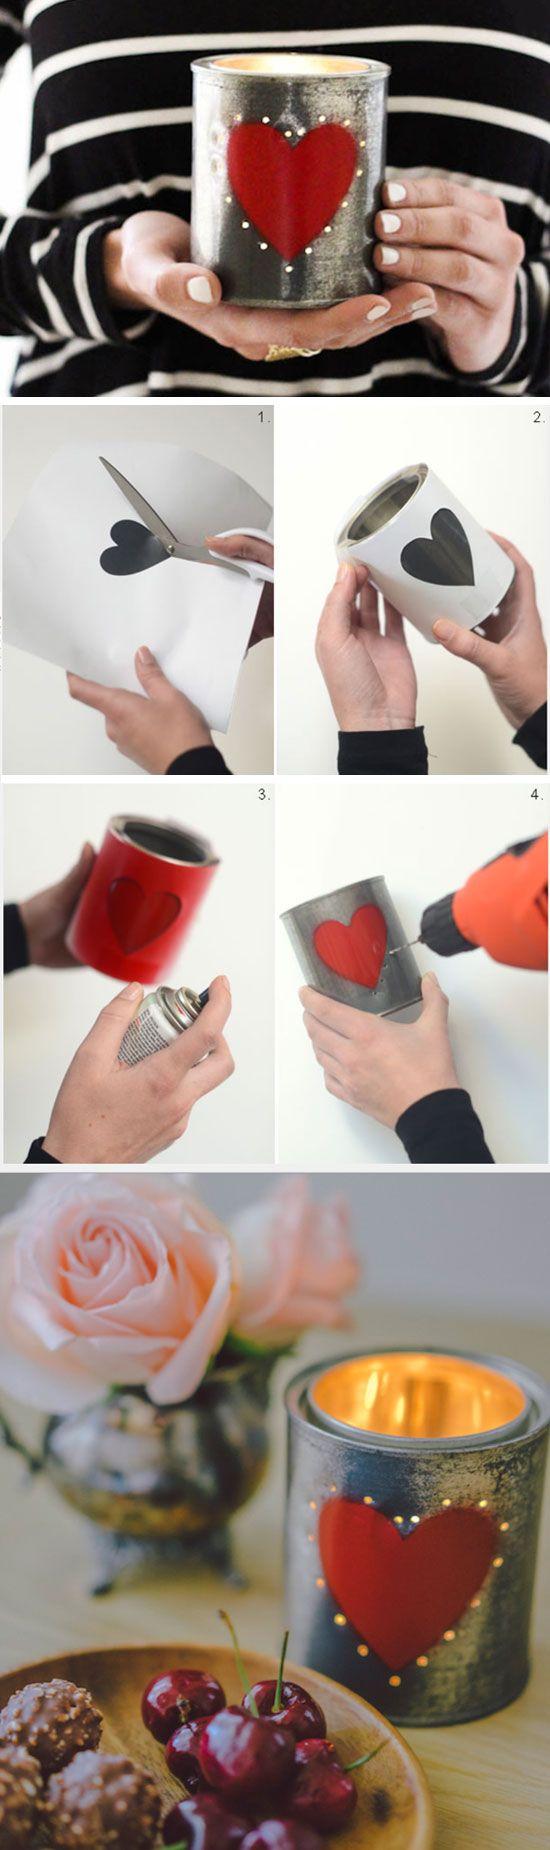 Hearty Votives | DIY Valentines Ideas for Boyfriend